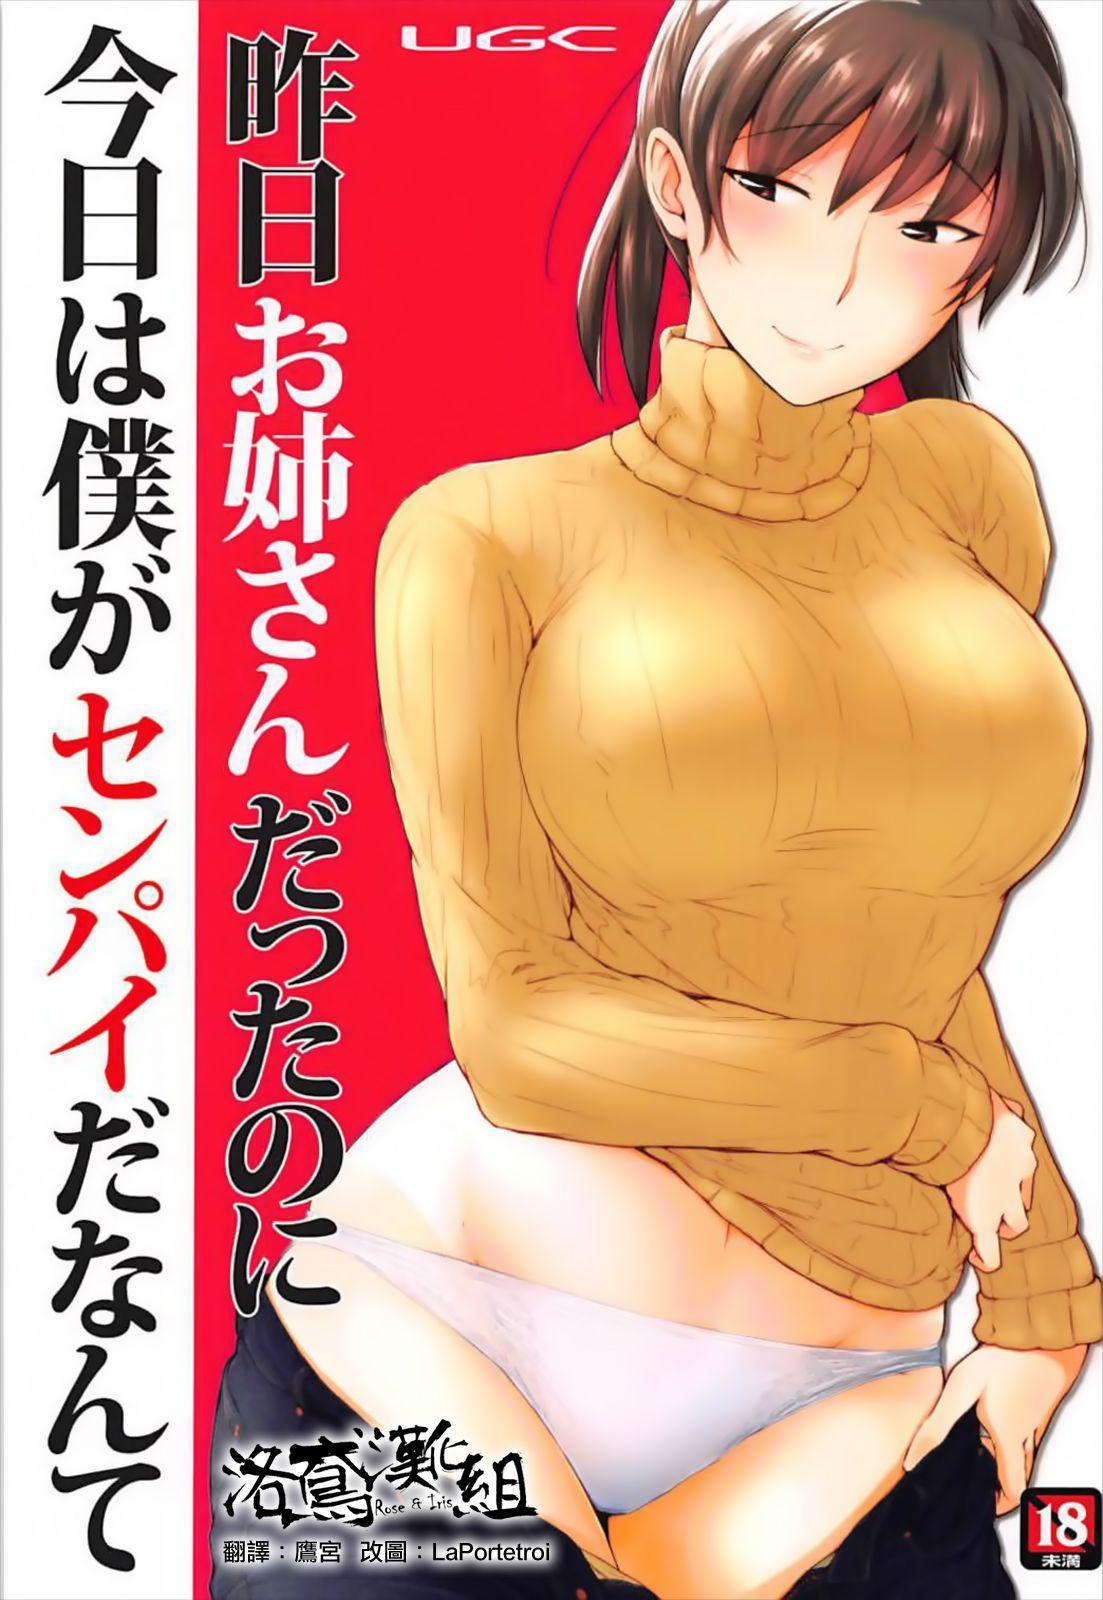 Kinou Onee-san Datta no ni Kyou wa Boku ga Senpai da nante 0